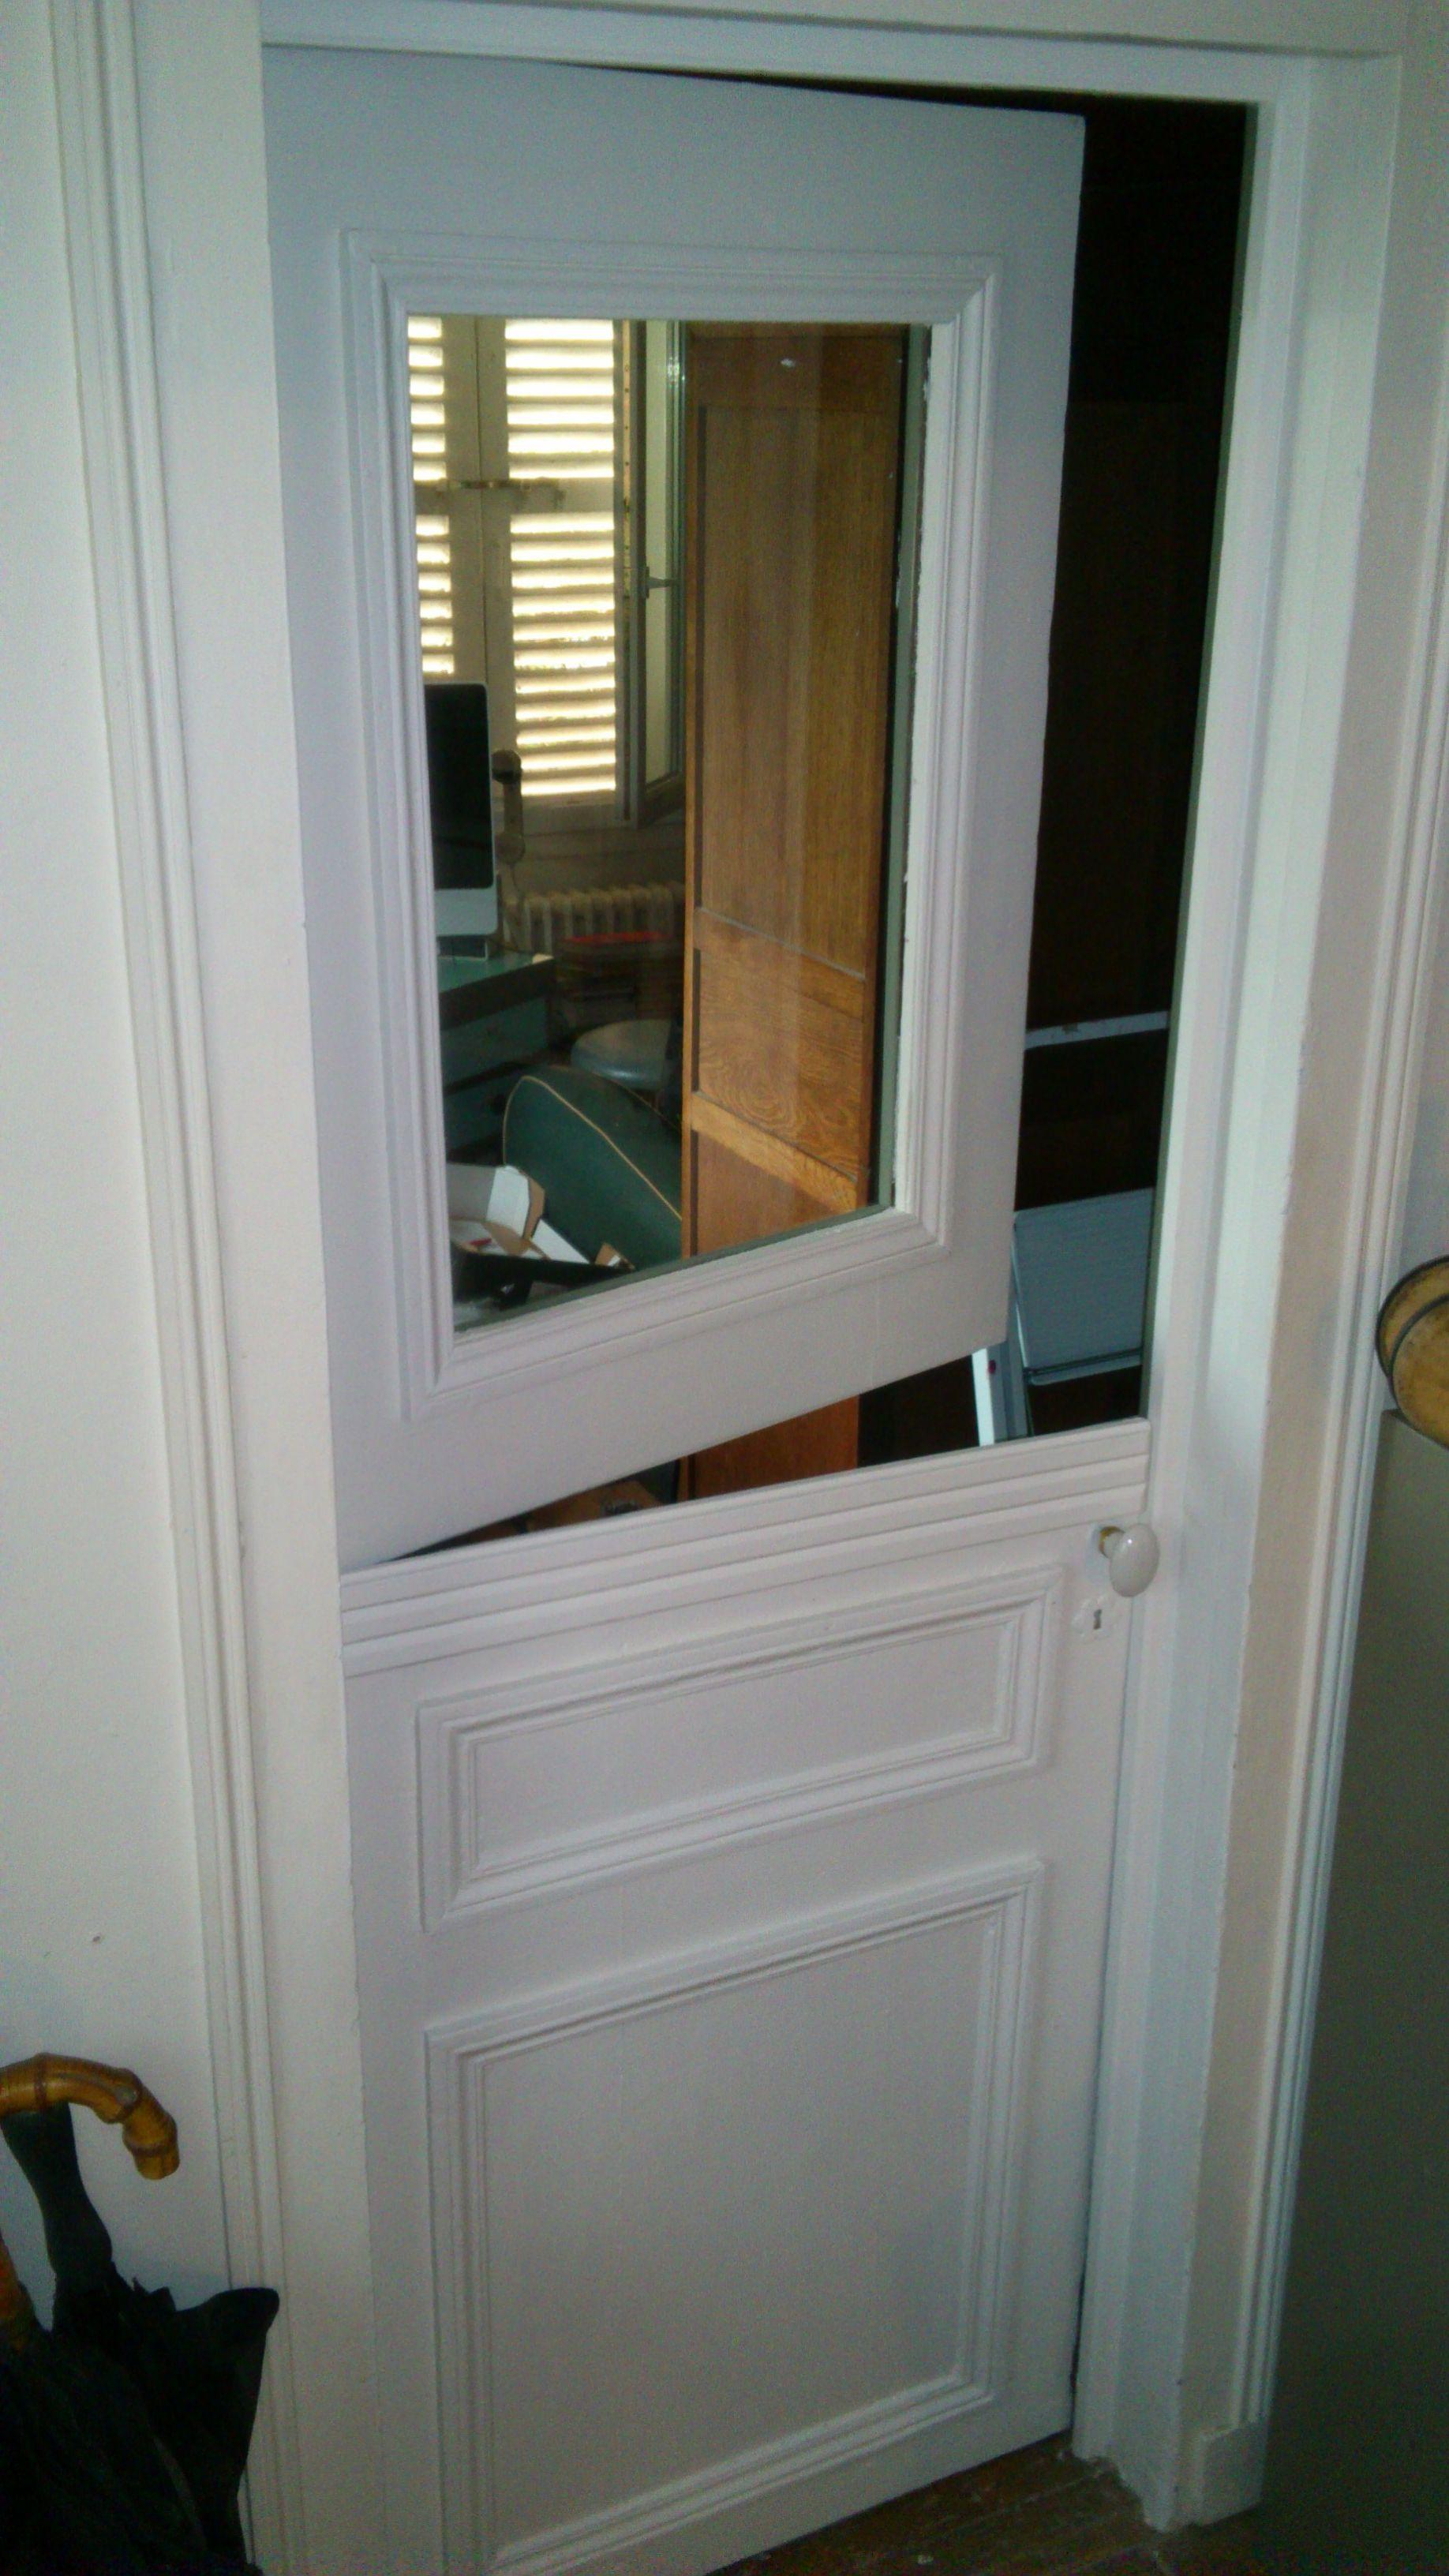 Porte fermière à partir d une vieille  porte  Lionel daviault